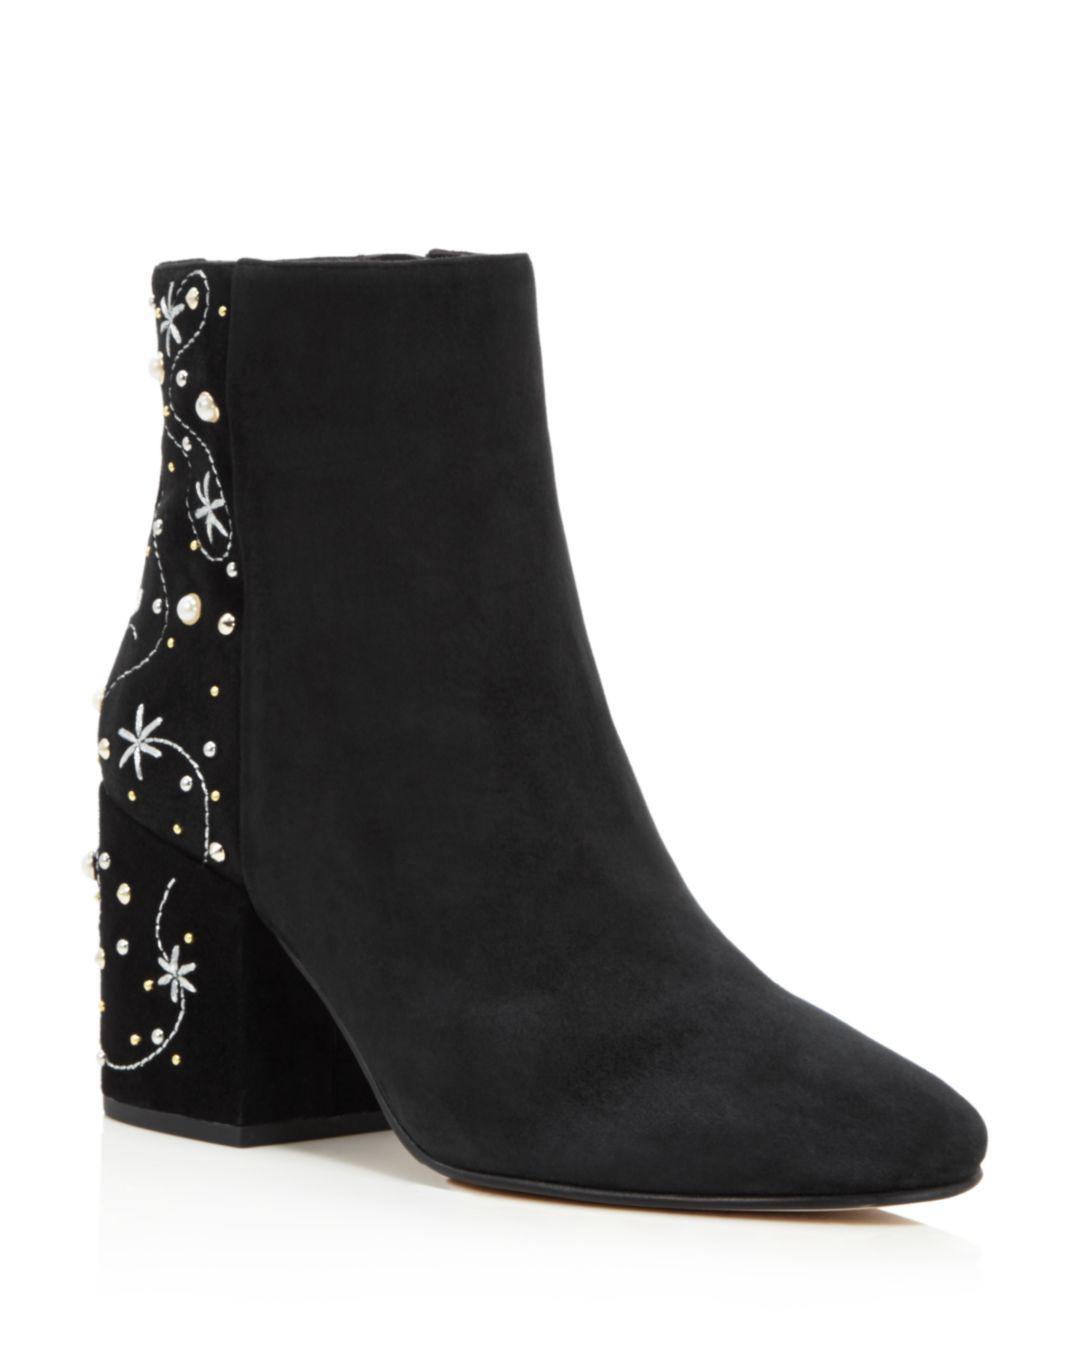 e8222f6a2a7b60 Sam Edelman Womens Taft Closed Toe Ankle Fashion Boots